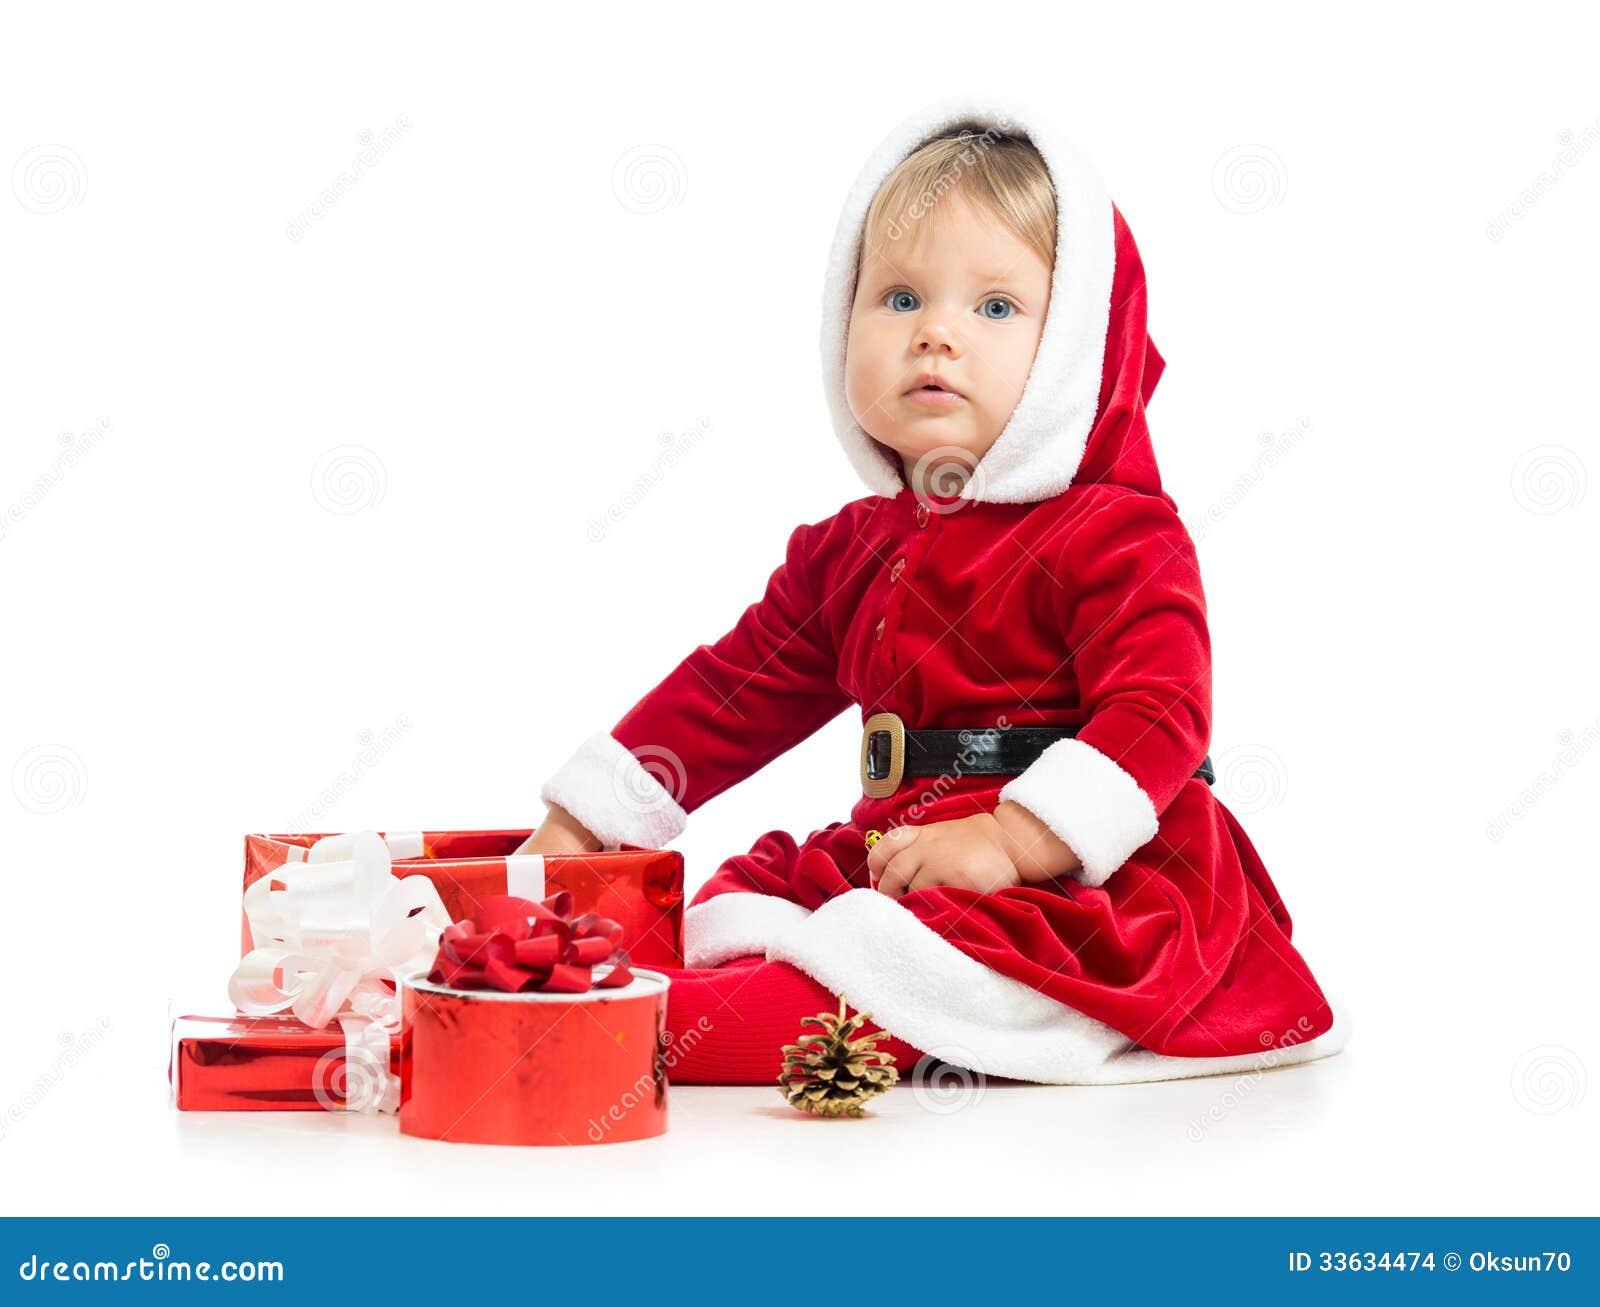 Christmas Baby Girl With Gift Box Stock Photo - Image of hood, baby ...